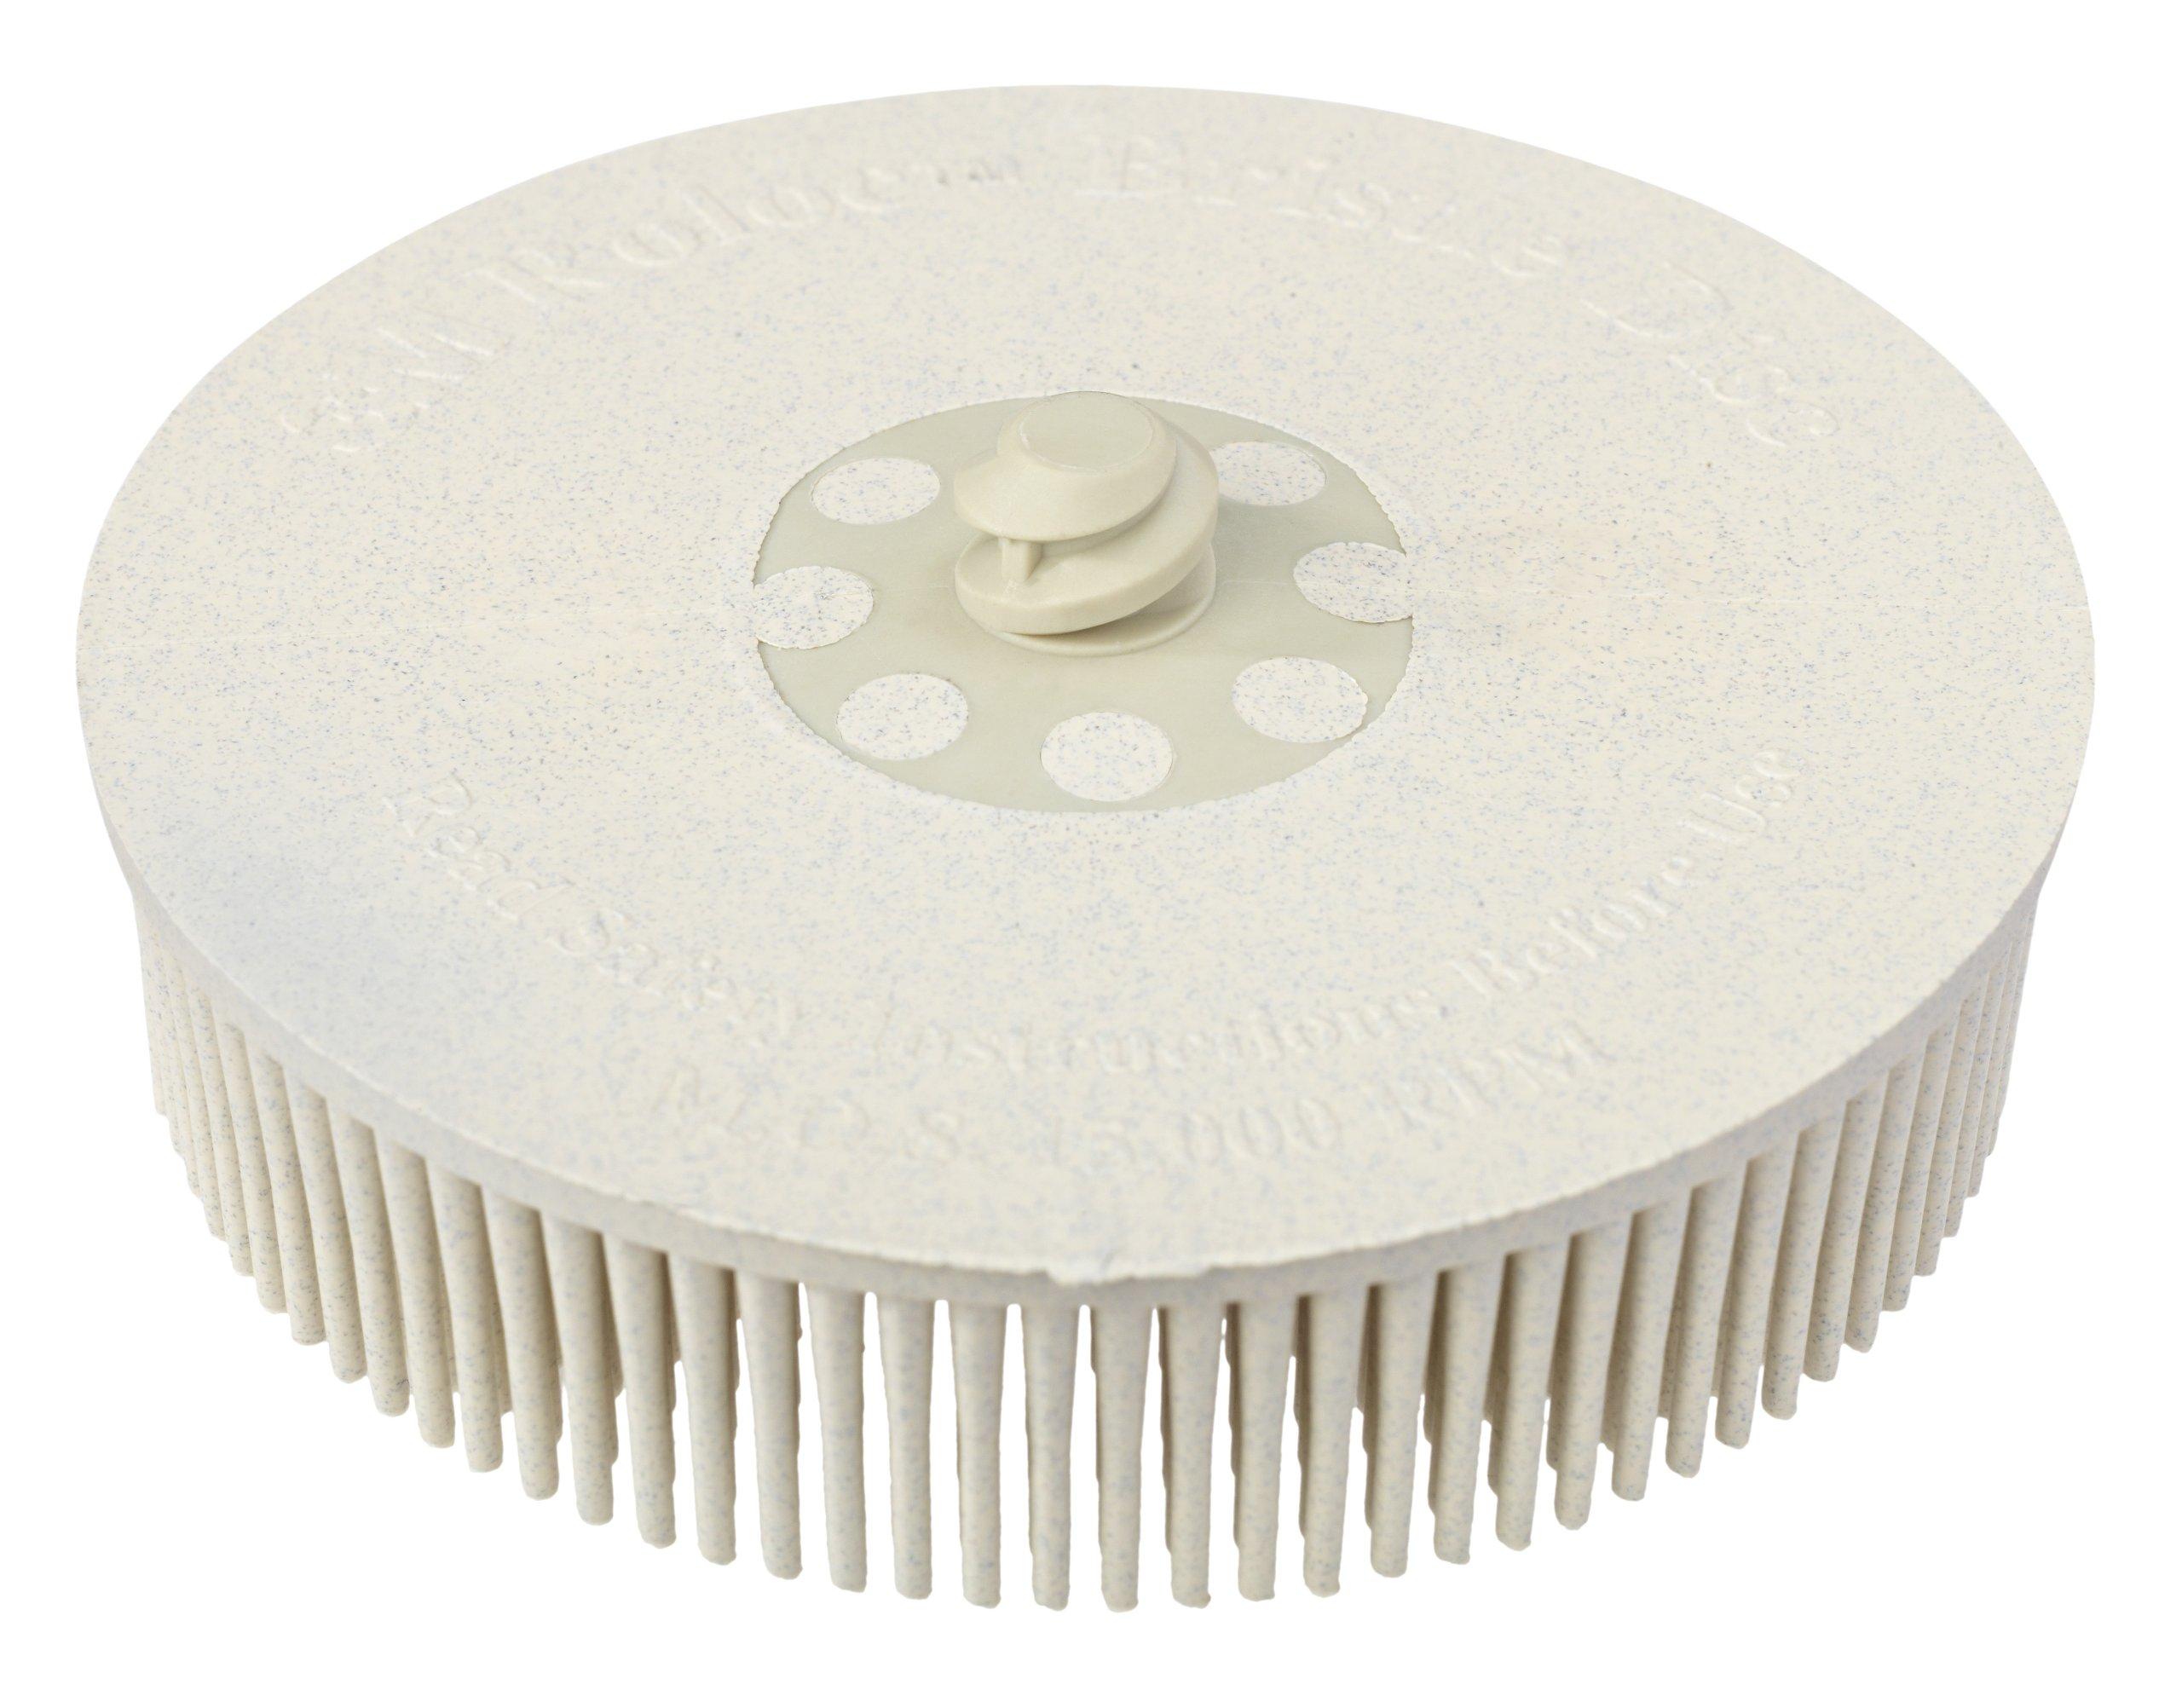 3M 07529 Roloc Bristle Disc, White